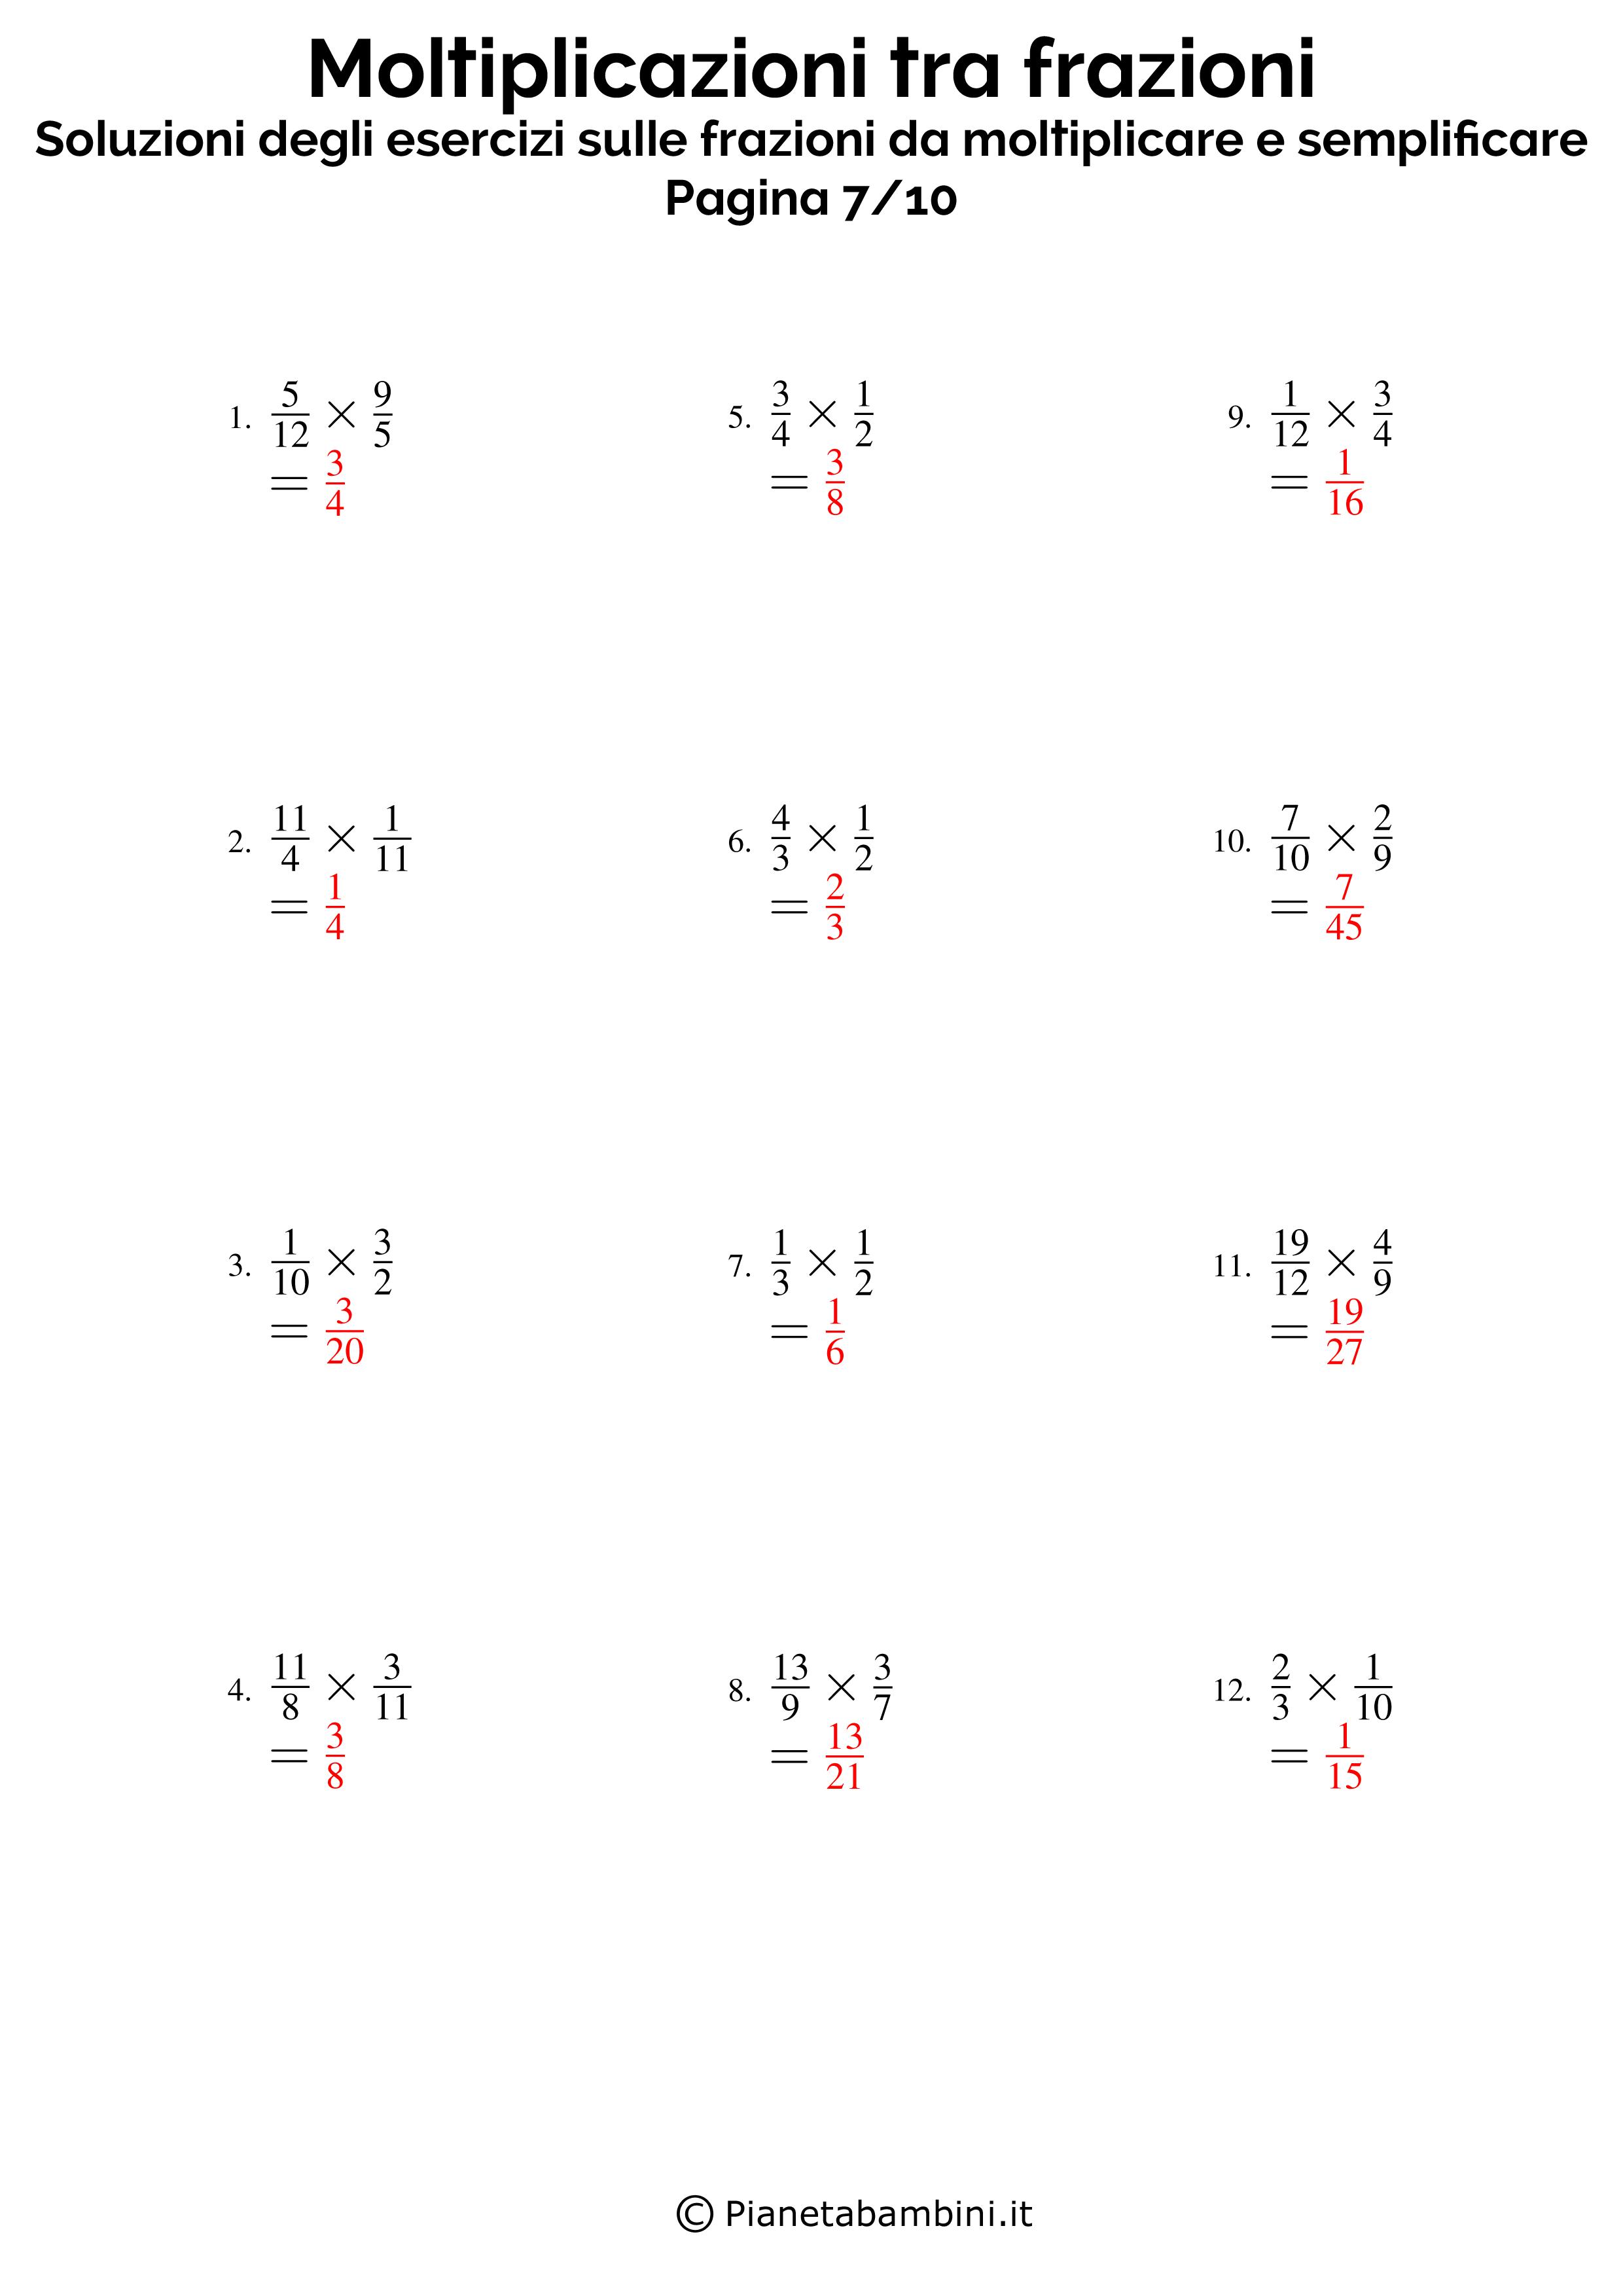 Soluzioni-Frazioni-Moltiplicare-Semplificare_07